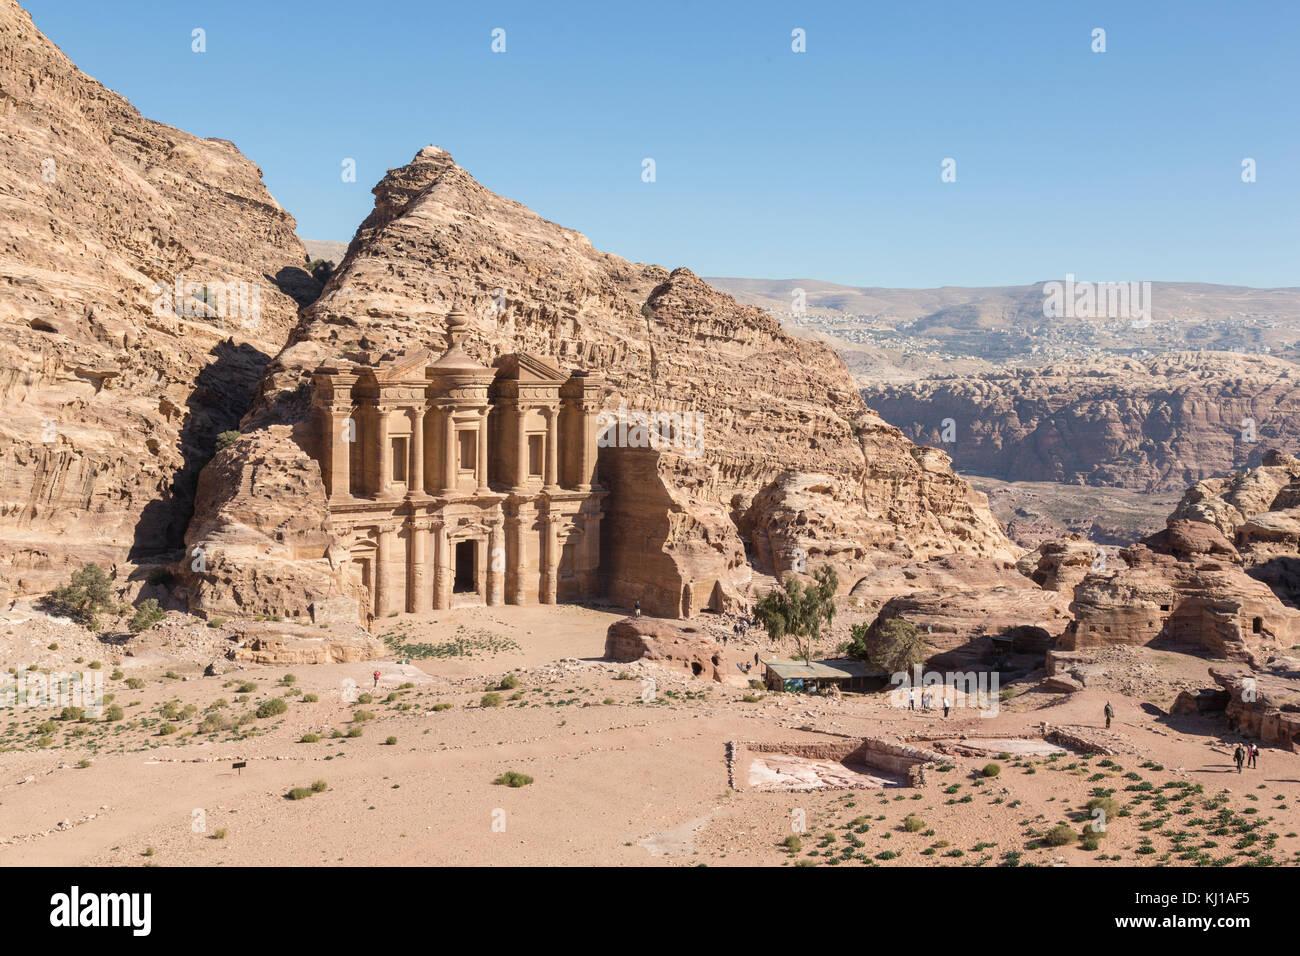 El Monasterio Al Deir en Petra, Jordania Imagen De Stock